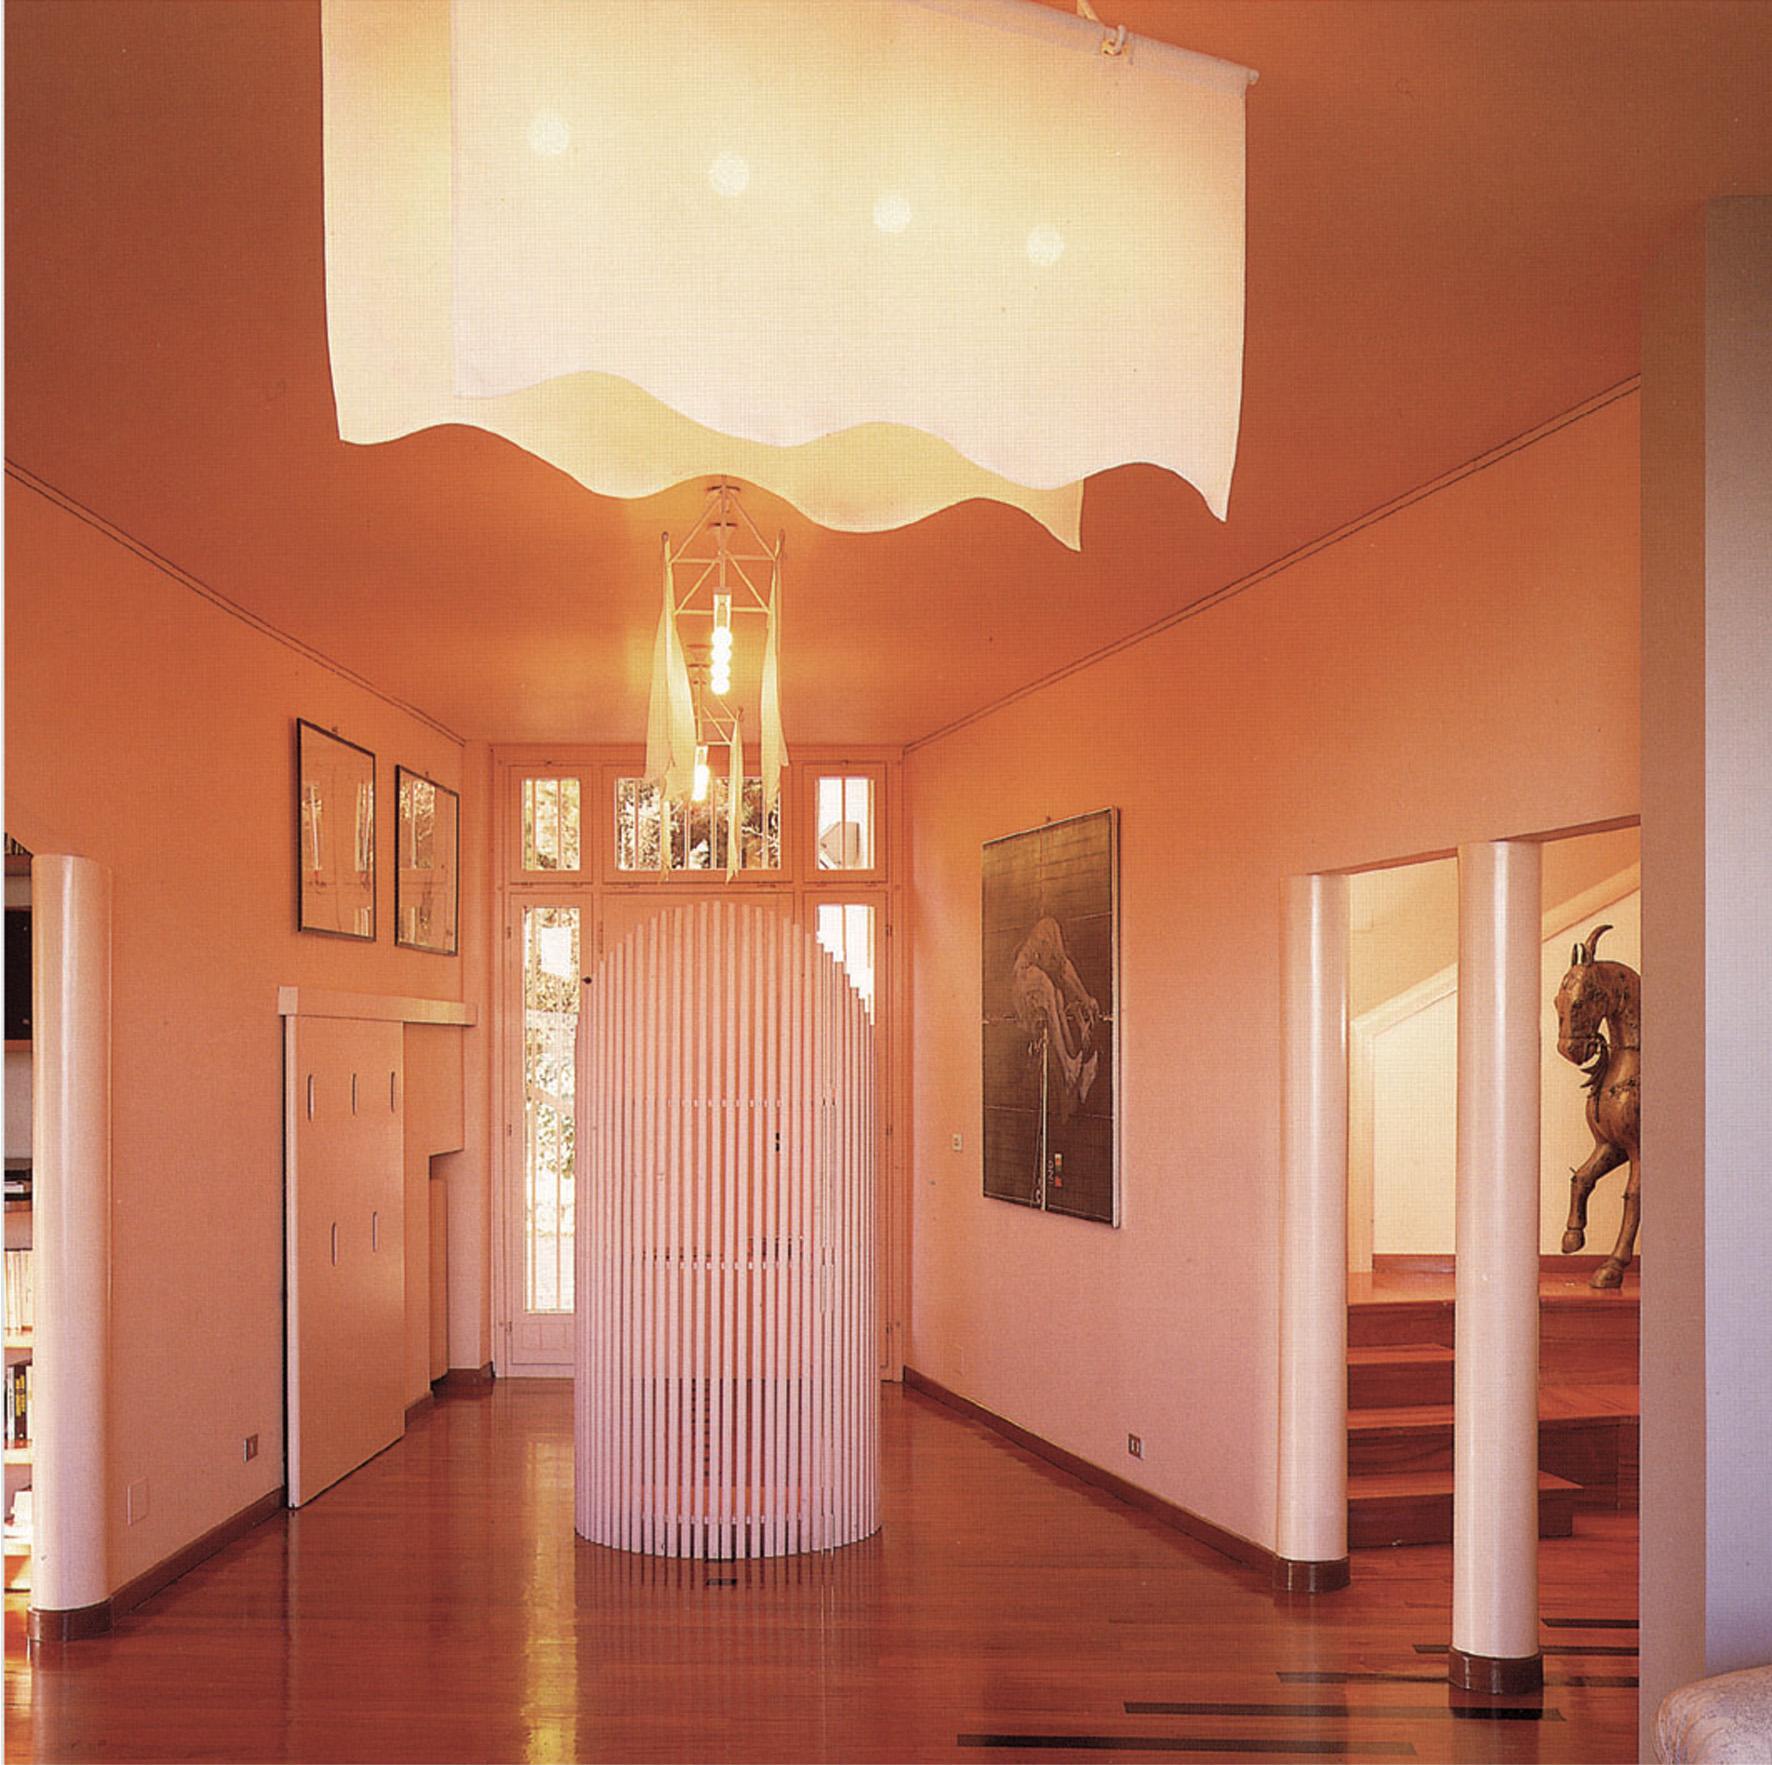 Casa namari villa sulla collina di moncalieri benvenuto for Piani di casa contemporanea in collina